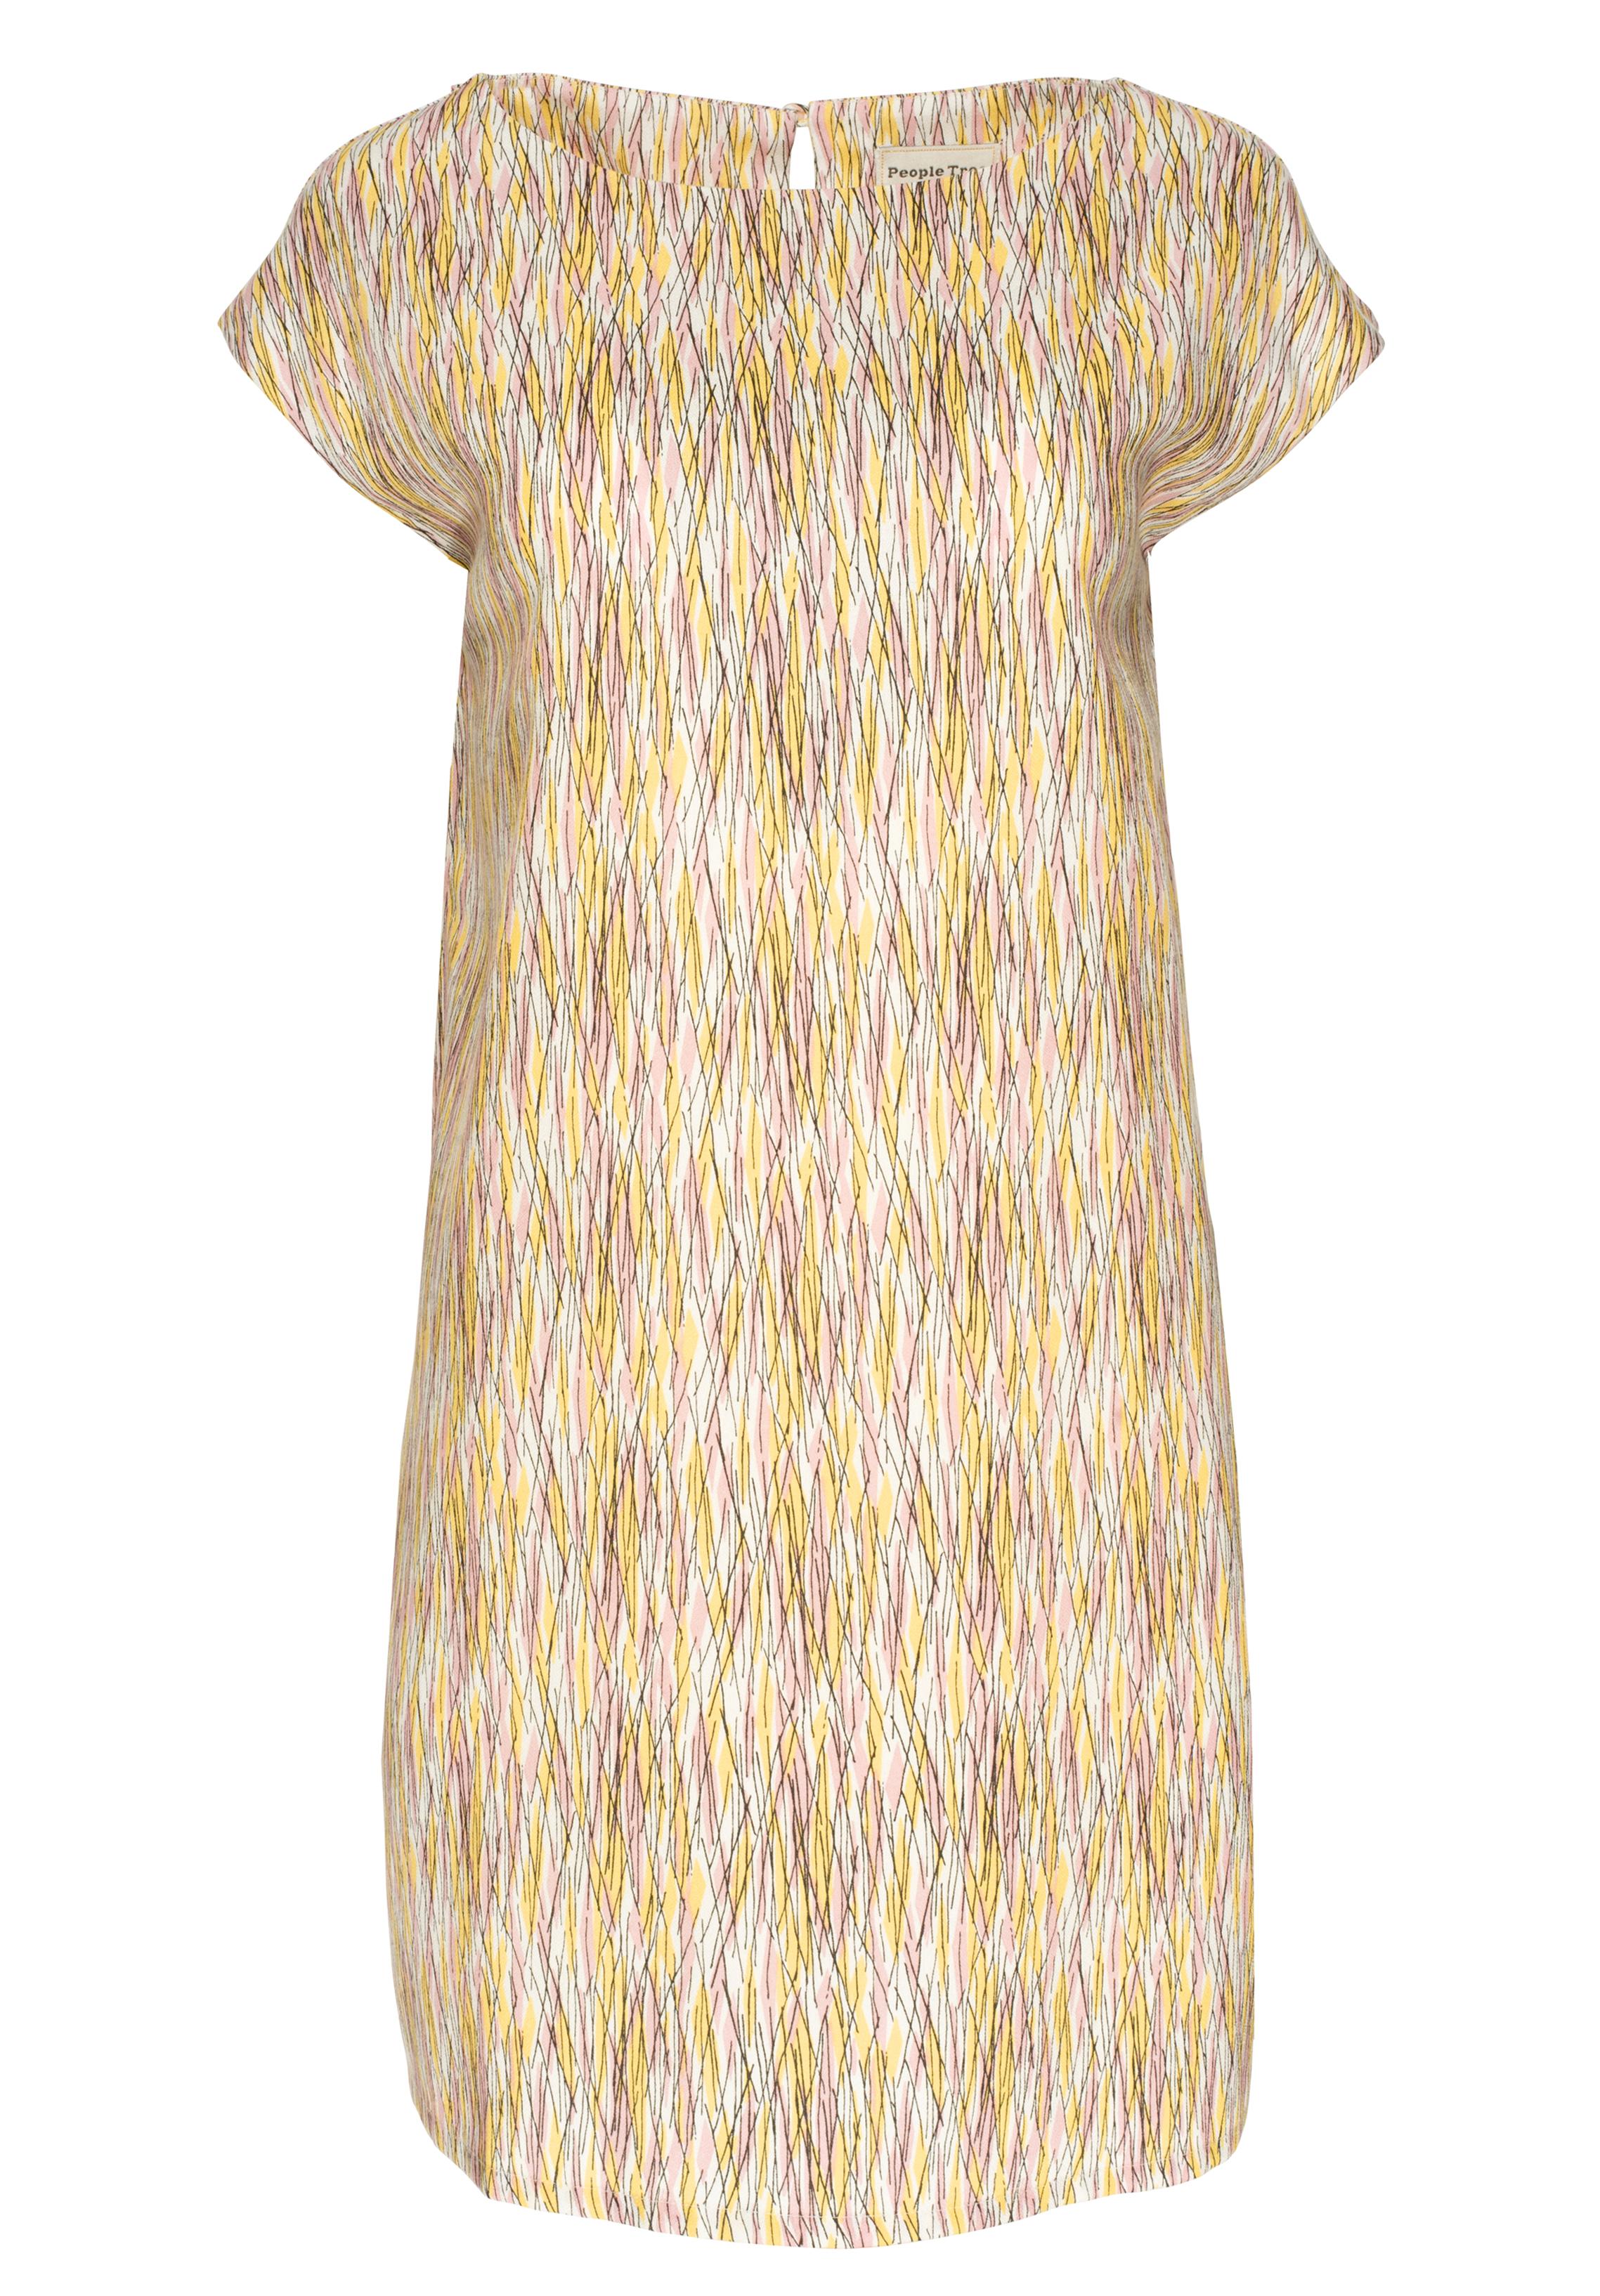 Rohina Abstract Dress 8